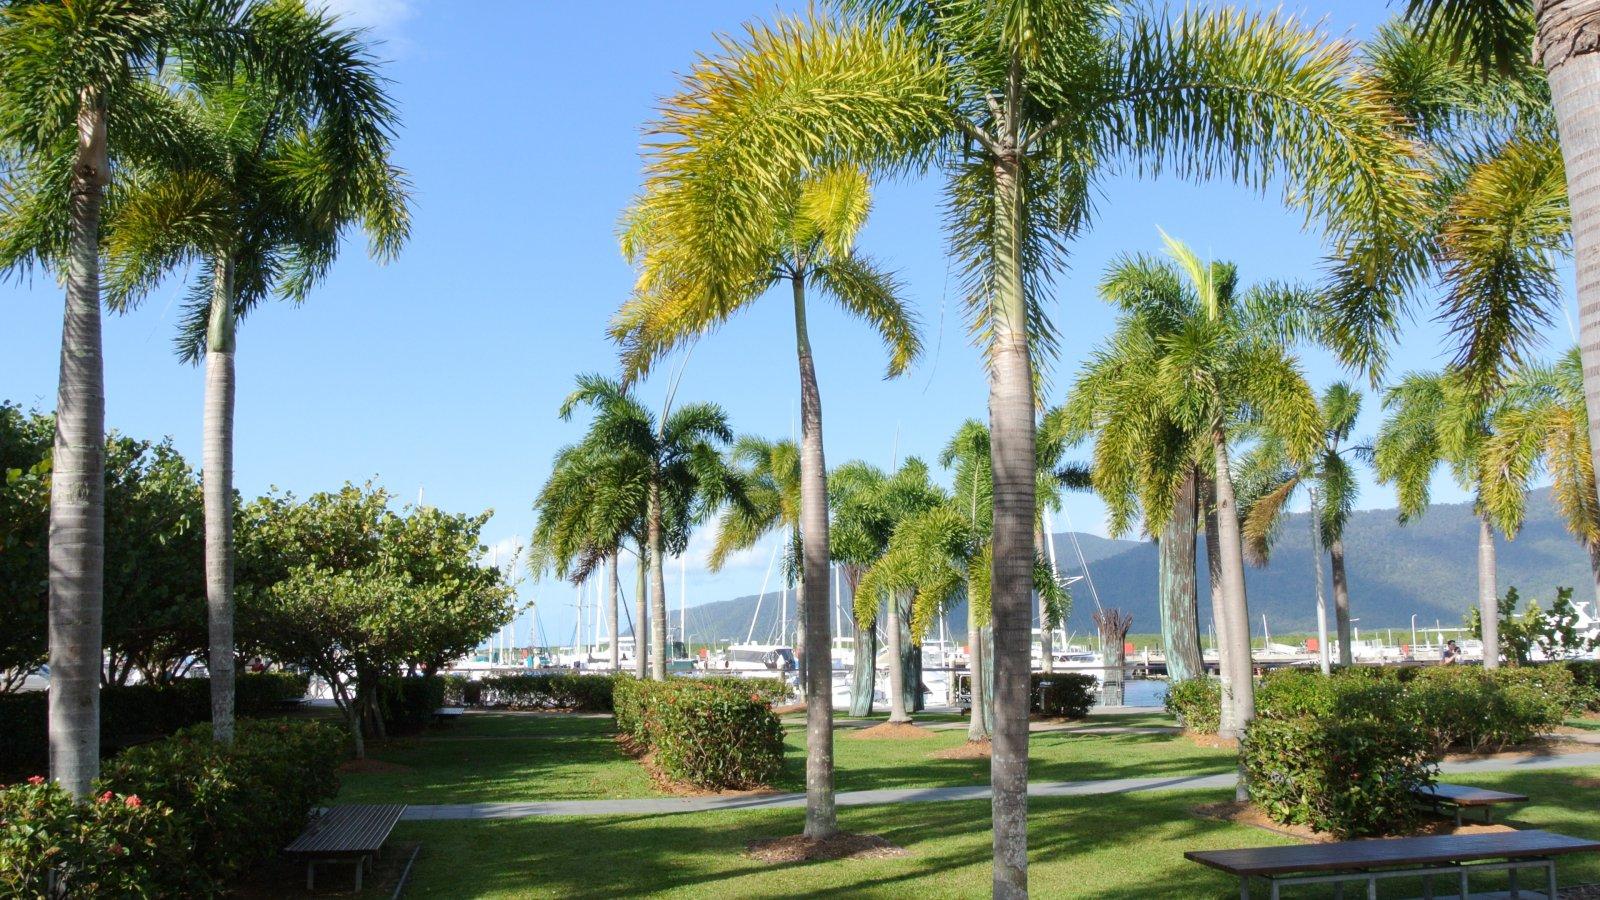 Росперсонал отзывы - Cairns, QLD, Австралия, выбор района для проживания.